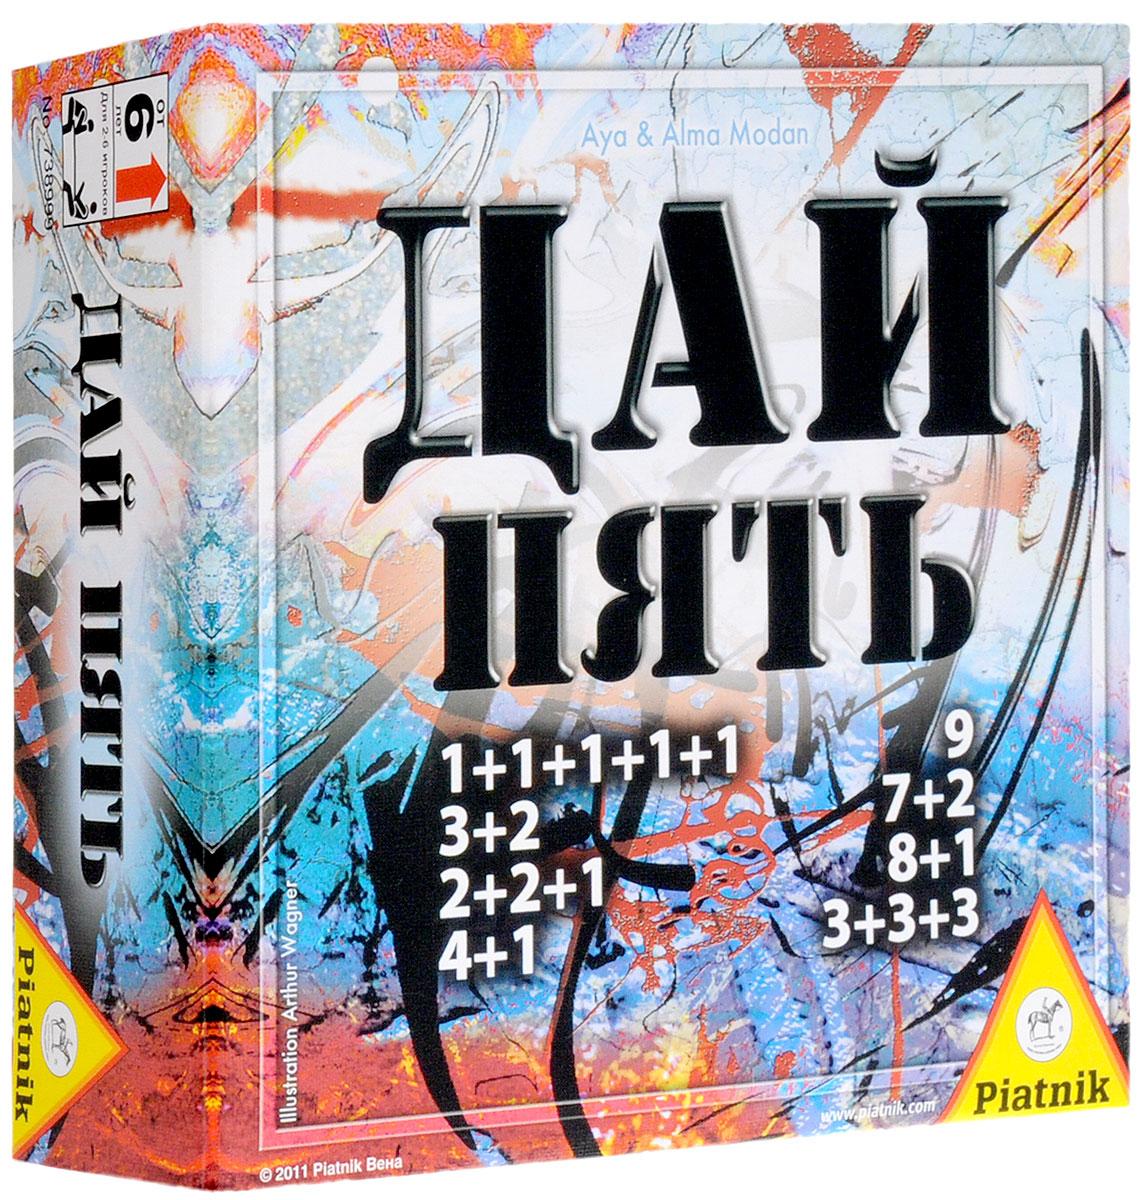 Piatnik Настольная игра Дай пять738999Настольная игра Дай пять прекрасно подойдет для всех любителей интересного и веселого досуга. Тот игрок, который быстрее всего избавится от всех карт - становится победителем. В набор входит: 95 карт, правила игры.